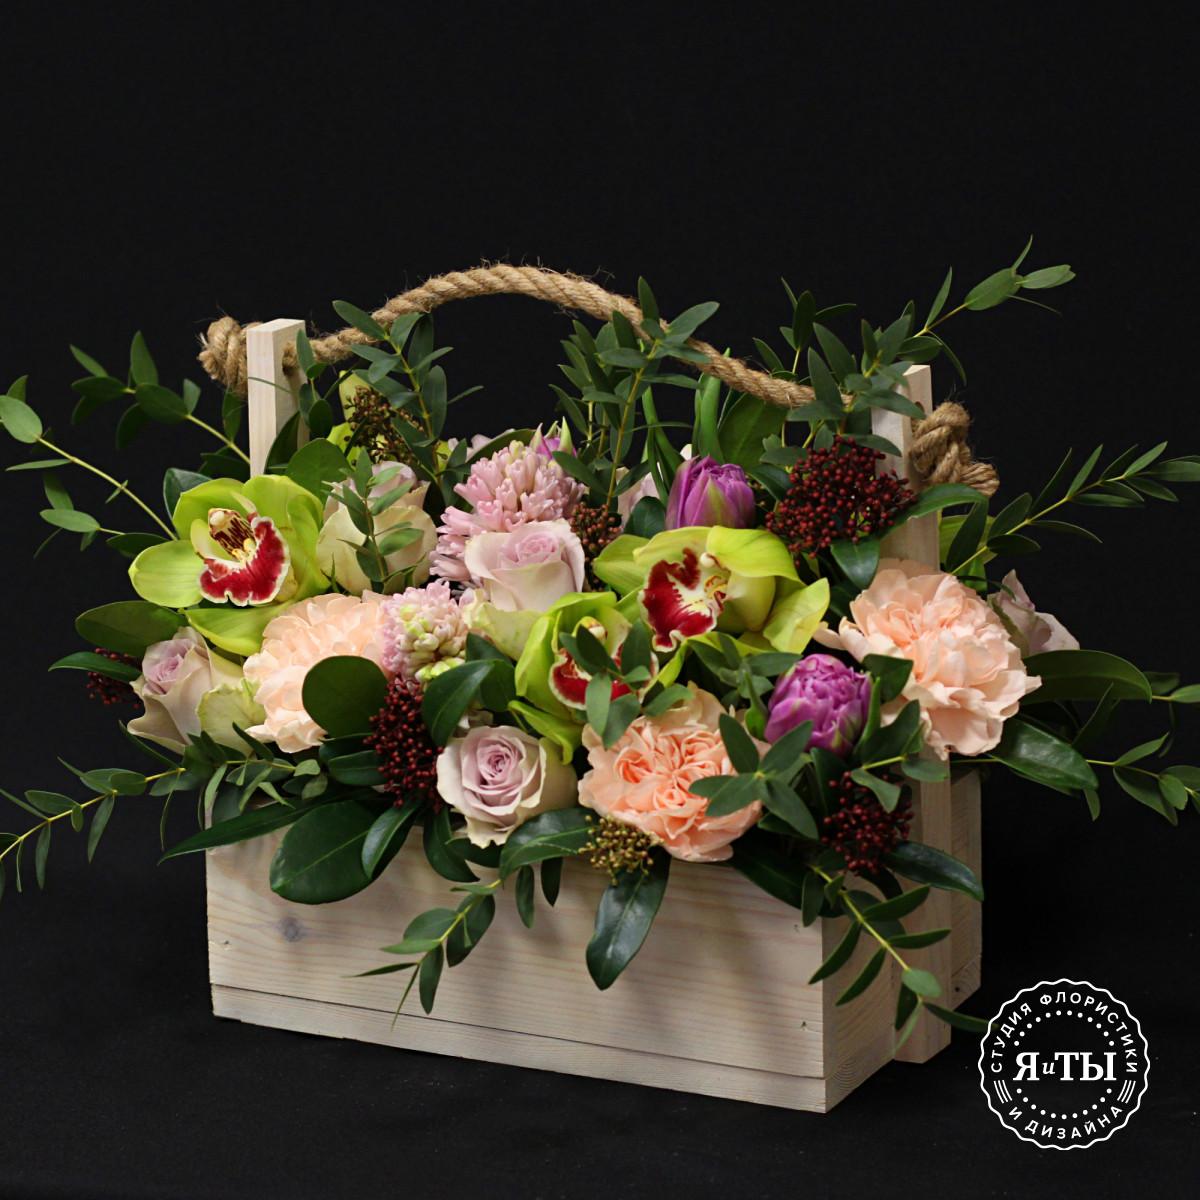 Ароматная композиция с гиацинтами и орхидеями